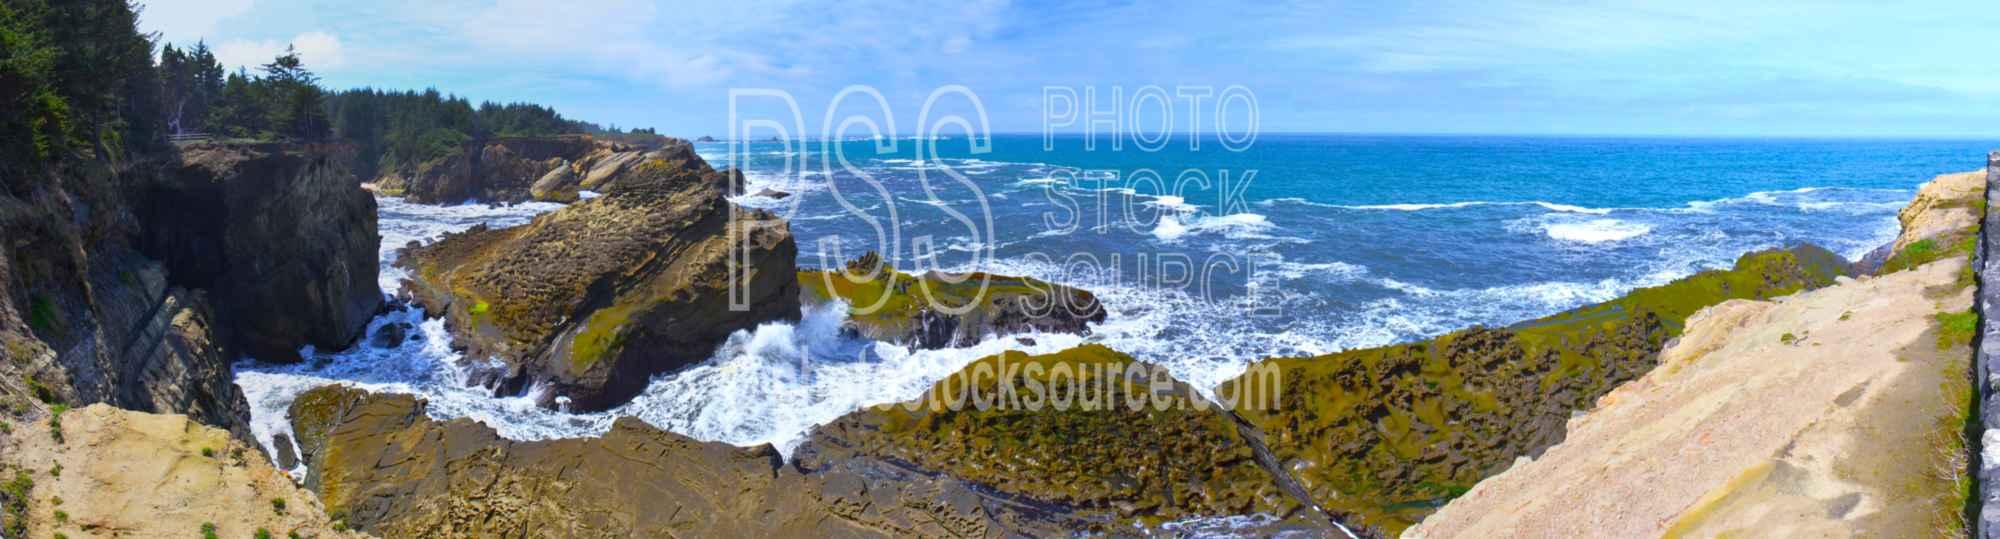 Shore Acres Cove